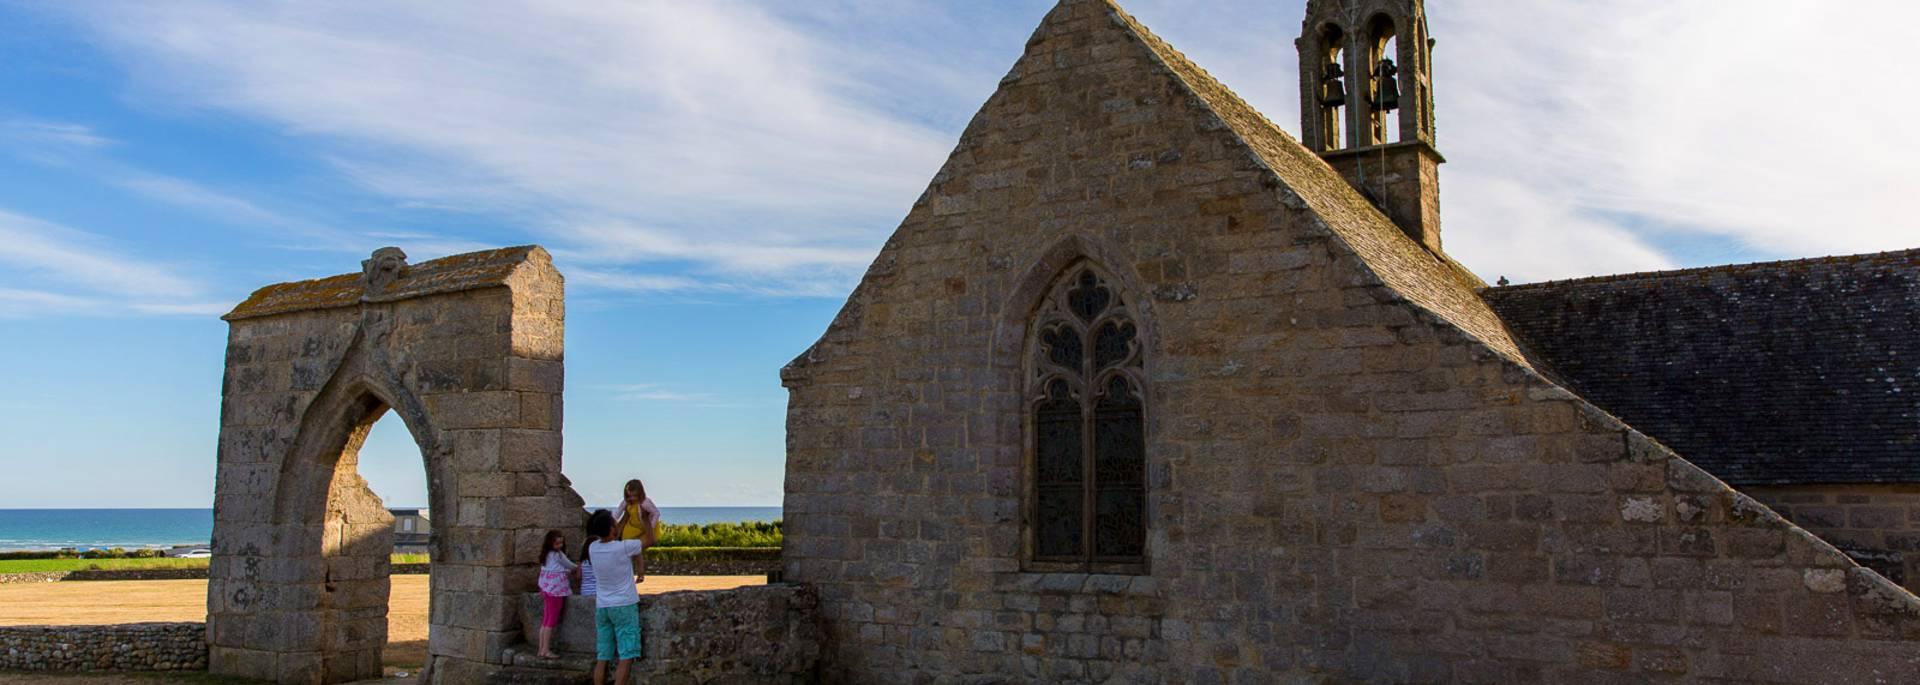 La chapelle de Penhors à Pouldreuzic © Y Derennes